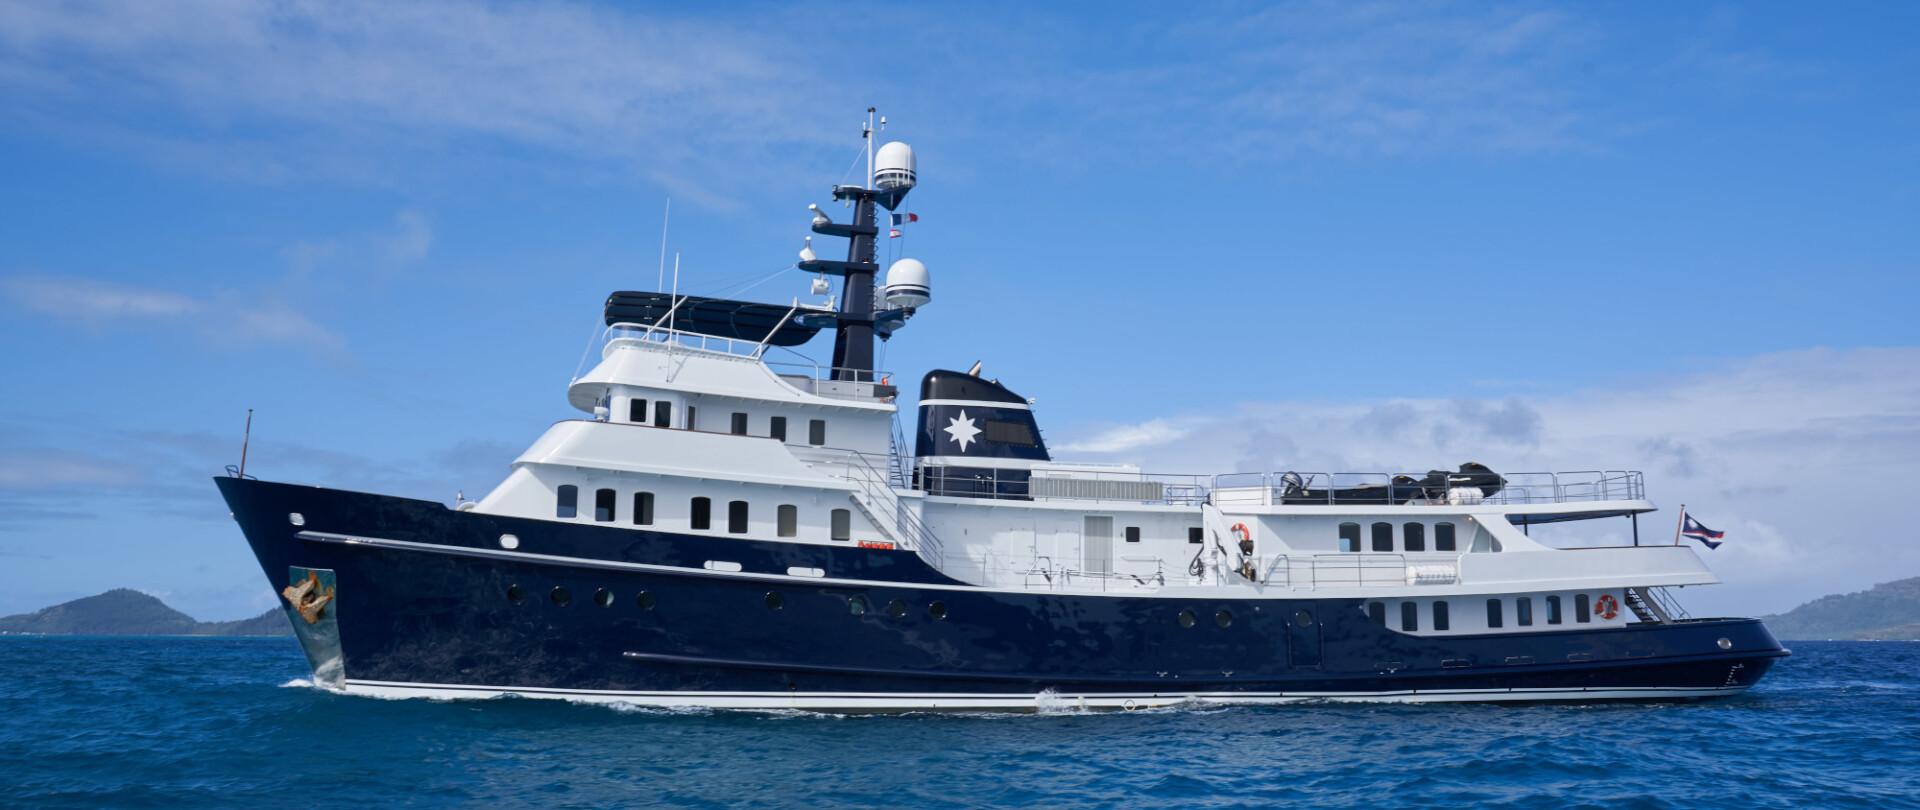 Asteria joins the Edmiston charter fleet photo 1